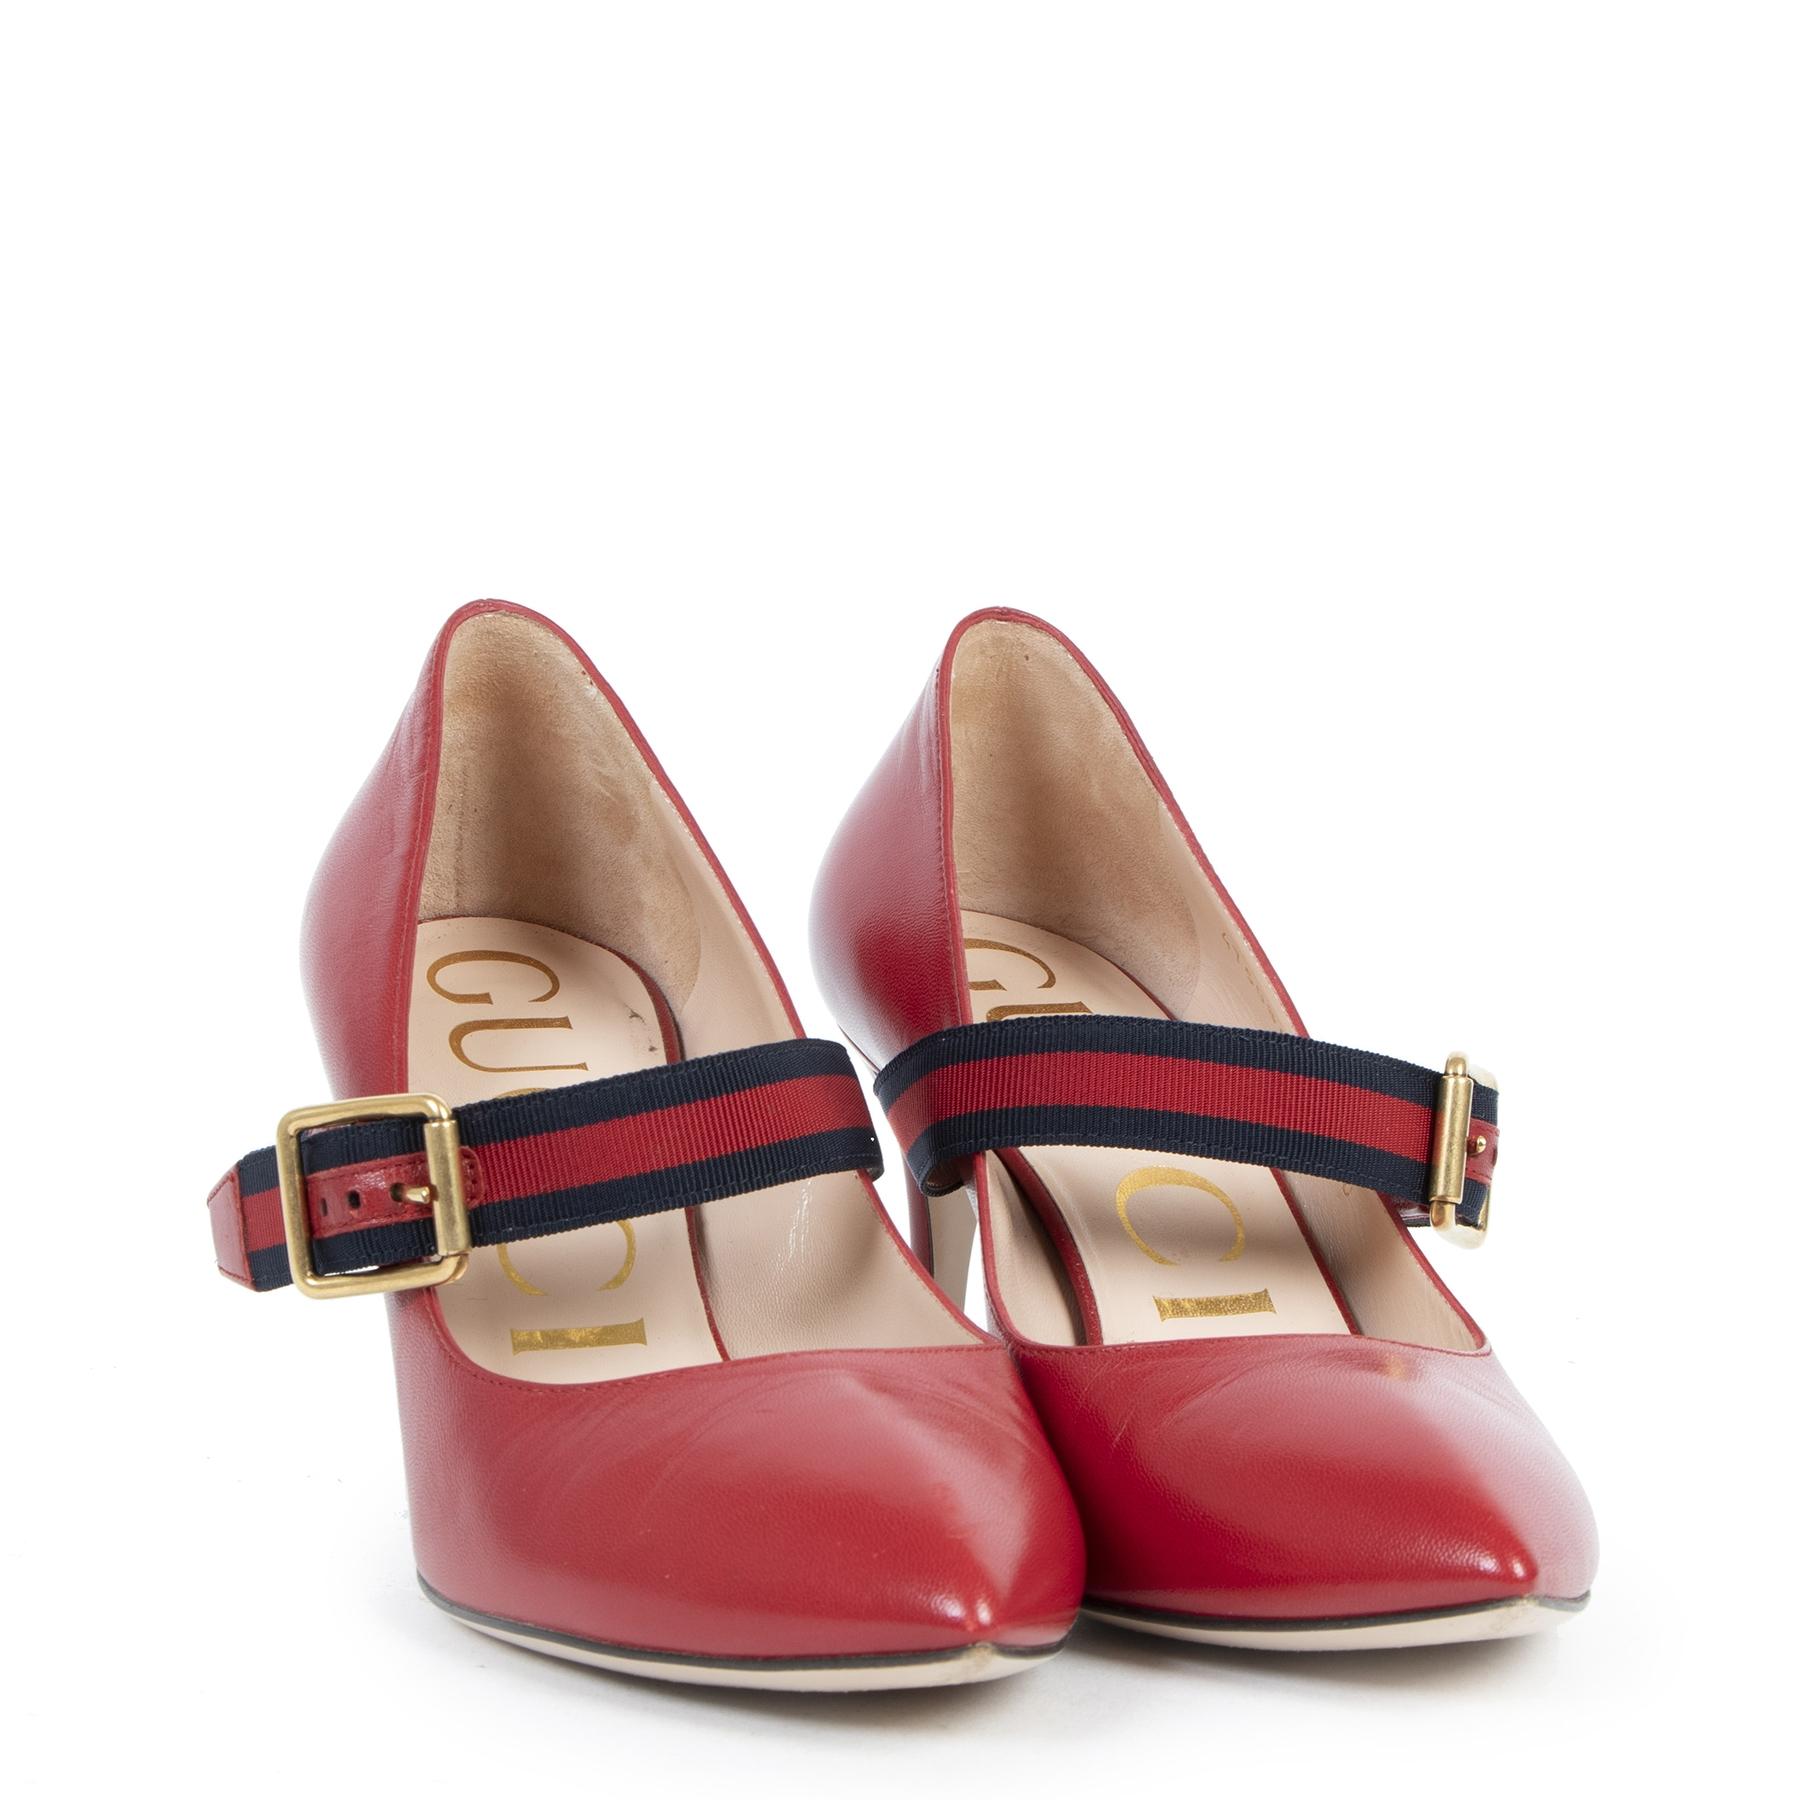 Authentieke Tweedehands Gucci Red Sylvie Pumps - Size 36 juiste prijs veilig online shoppen luxe merken webshop winkelen Antwerpen België mode fashion